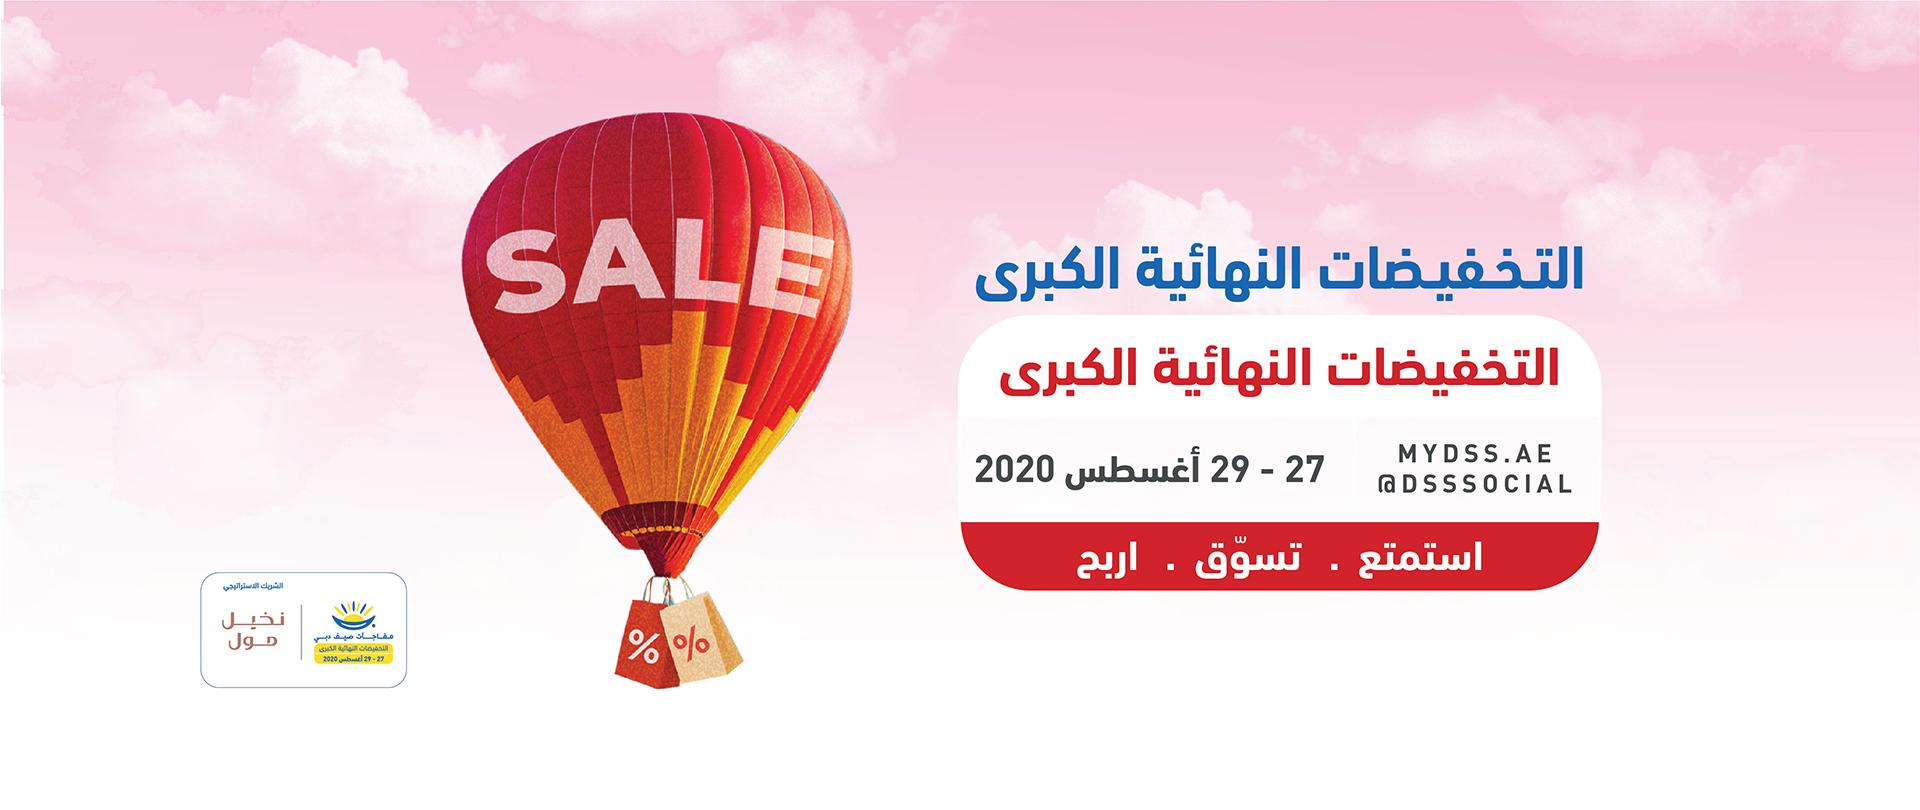 DSS Final Sale